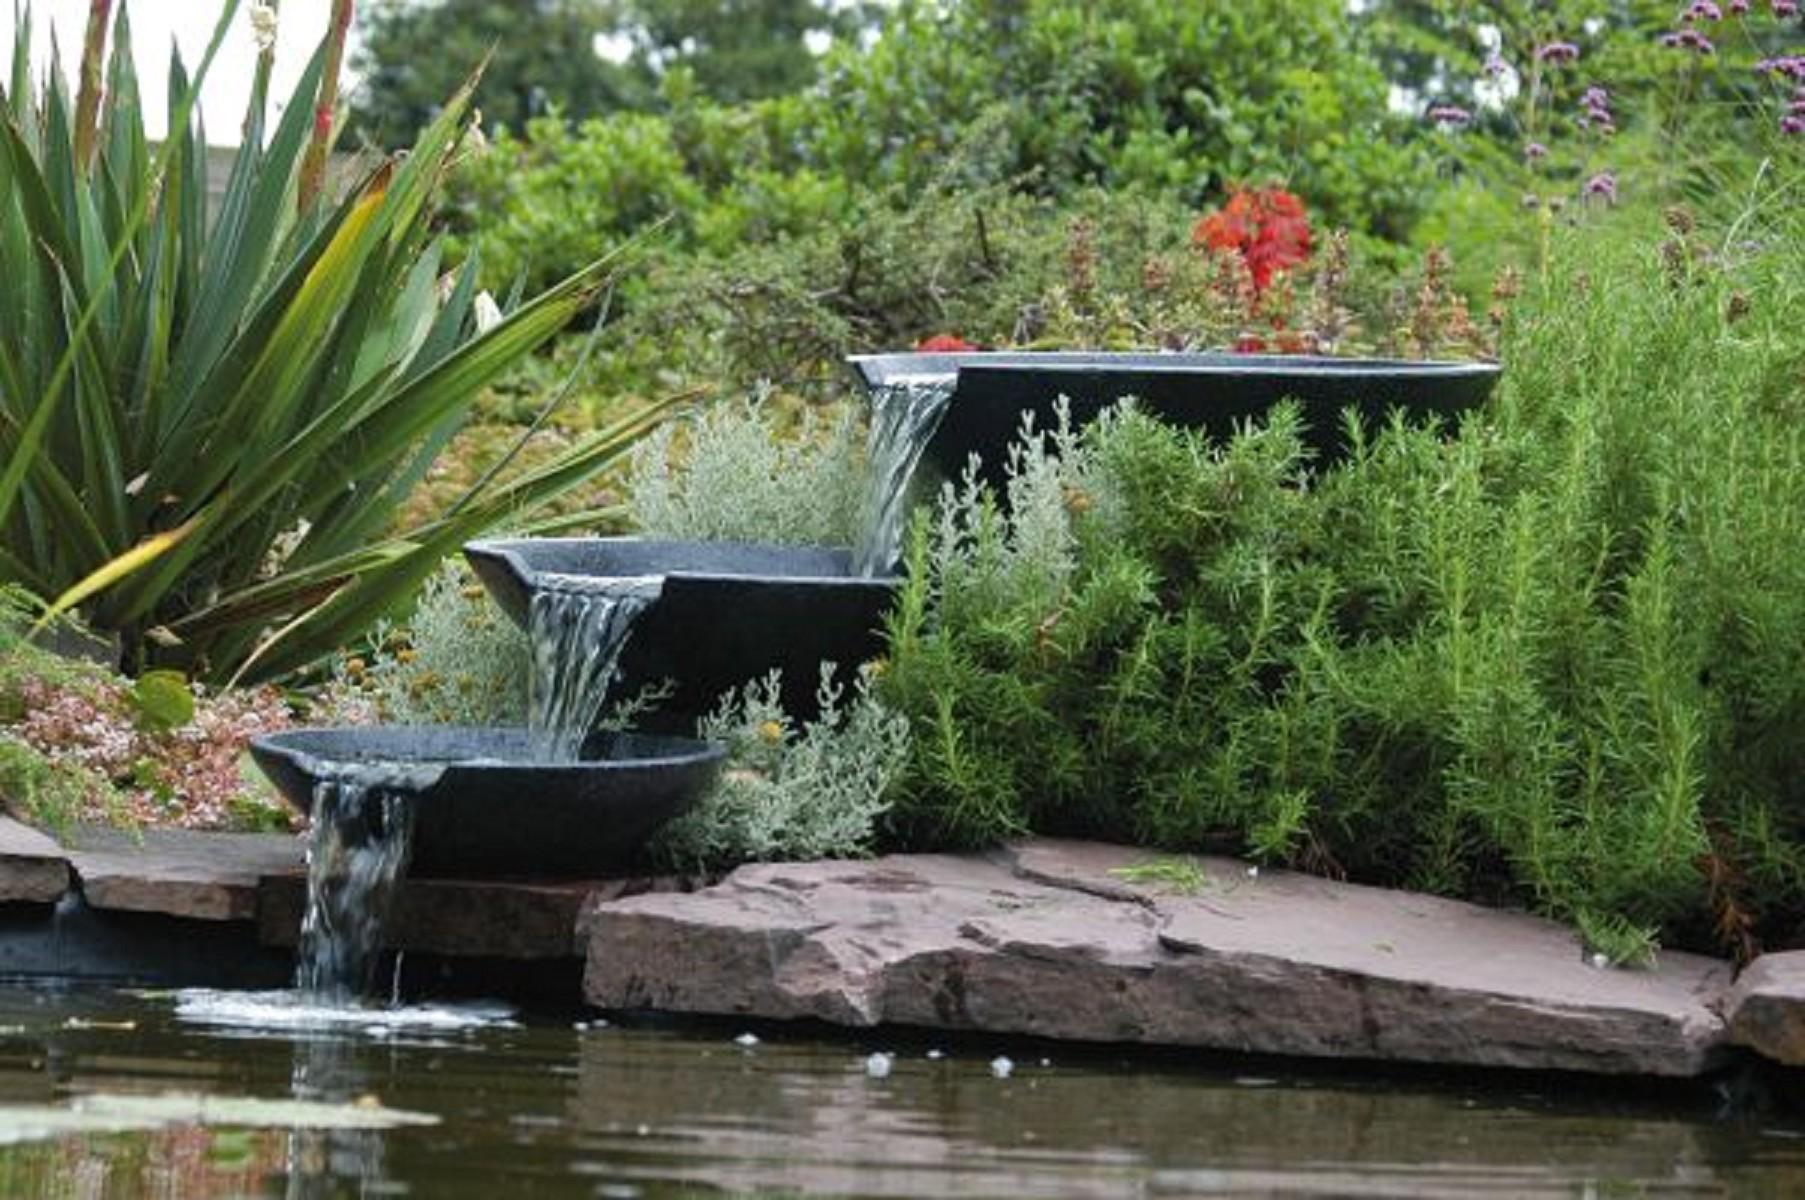 Teich wasserfall perfekt f r ihren wasserteich - Wasserfall gartenteich ...